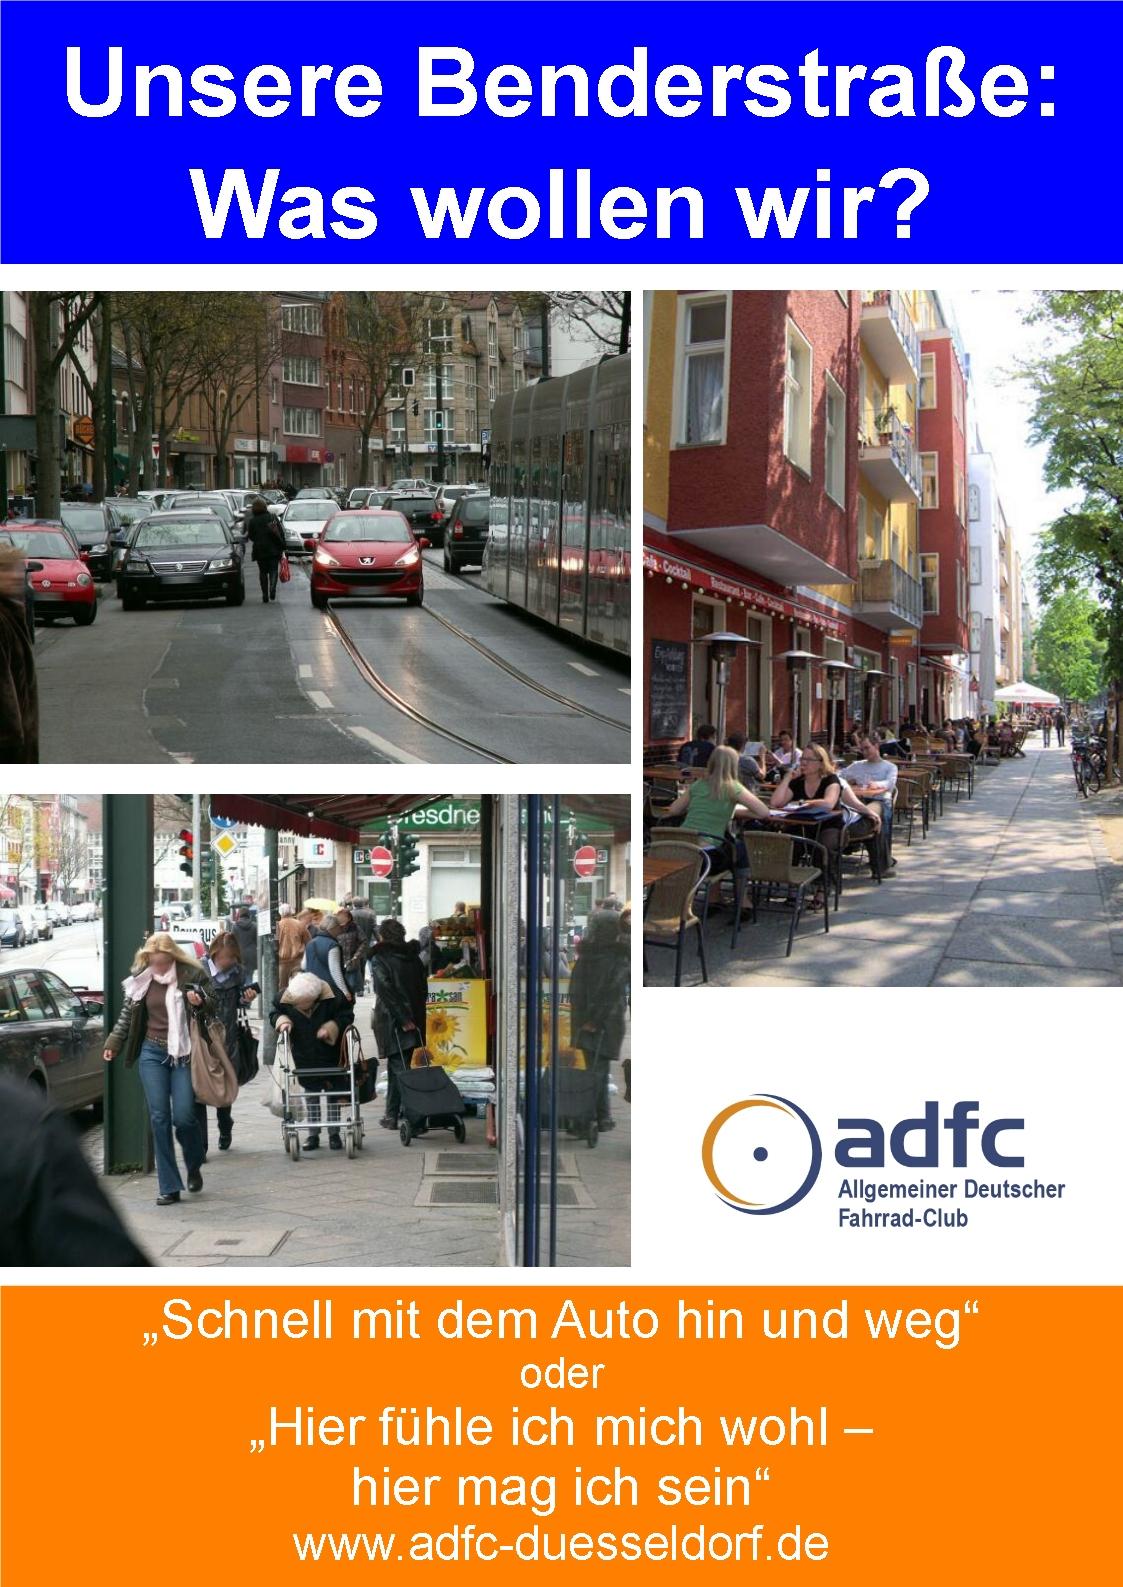 ADFC Plakat zur Benderstraße